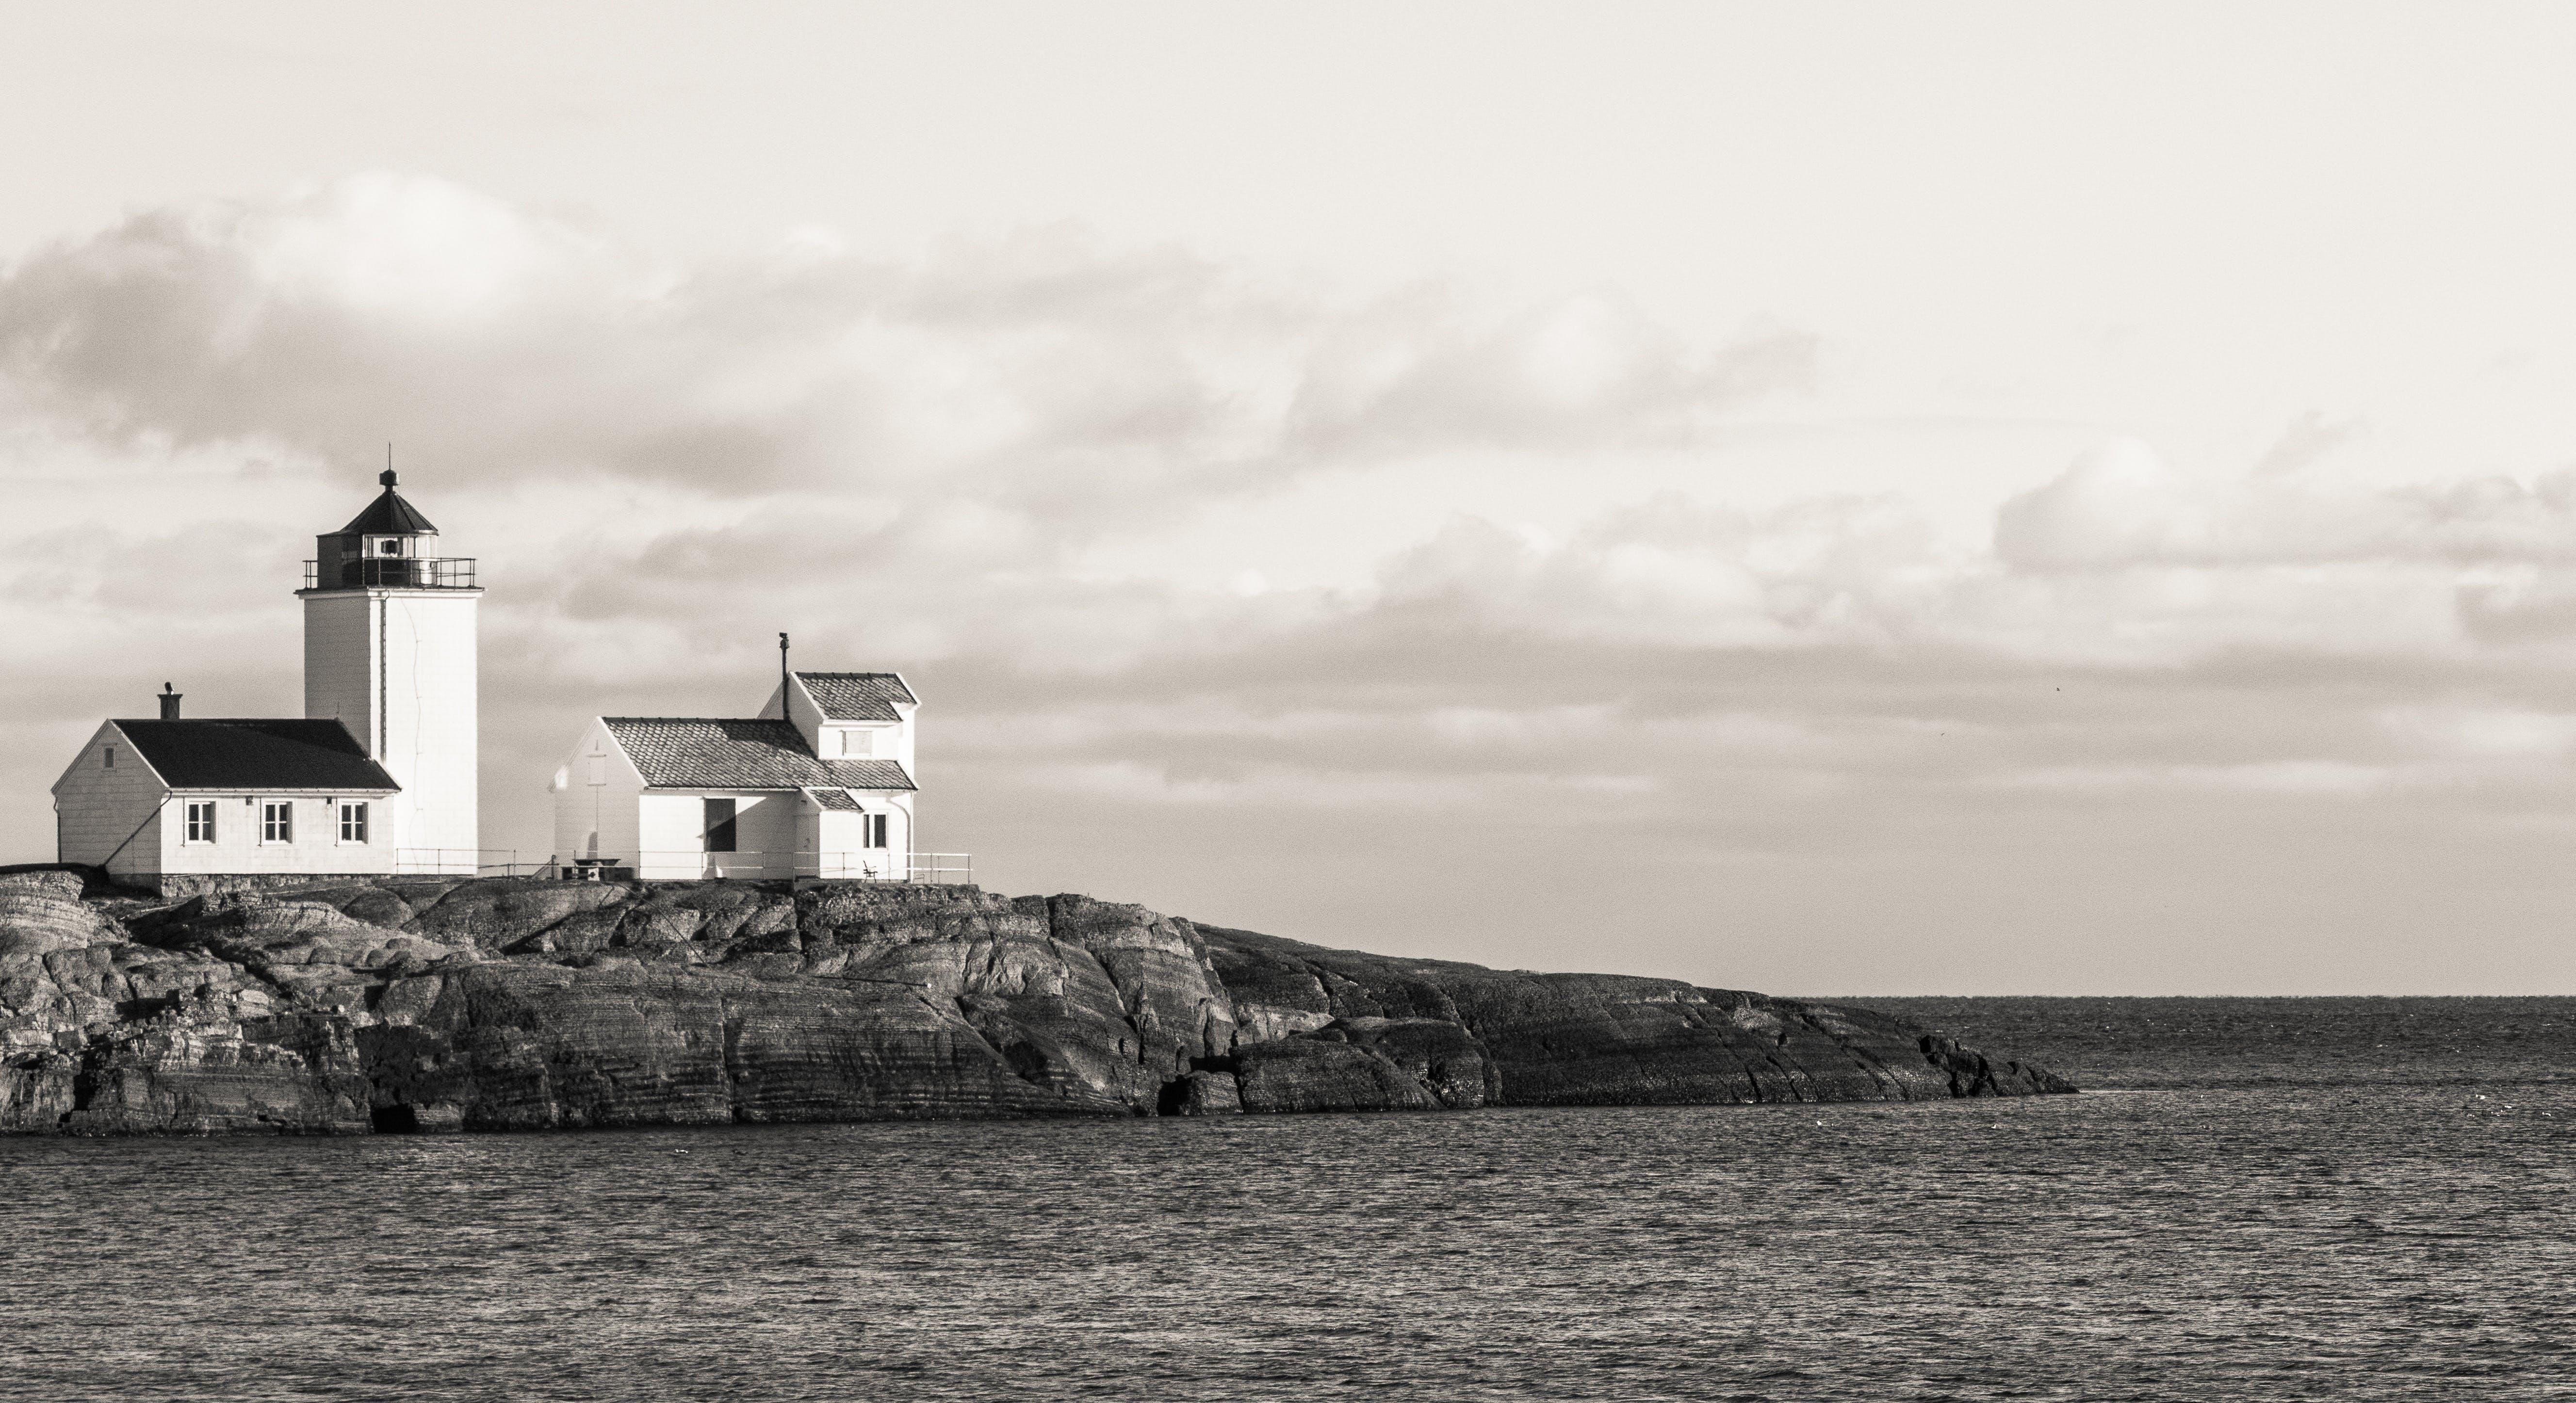 シースケープ, ビーチ, 光, 山の無料の写真素材